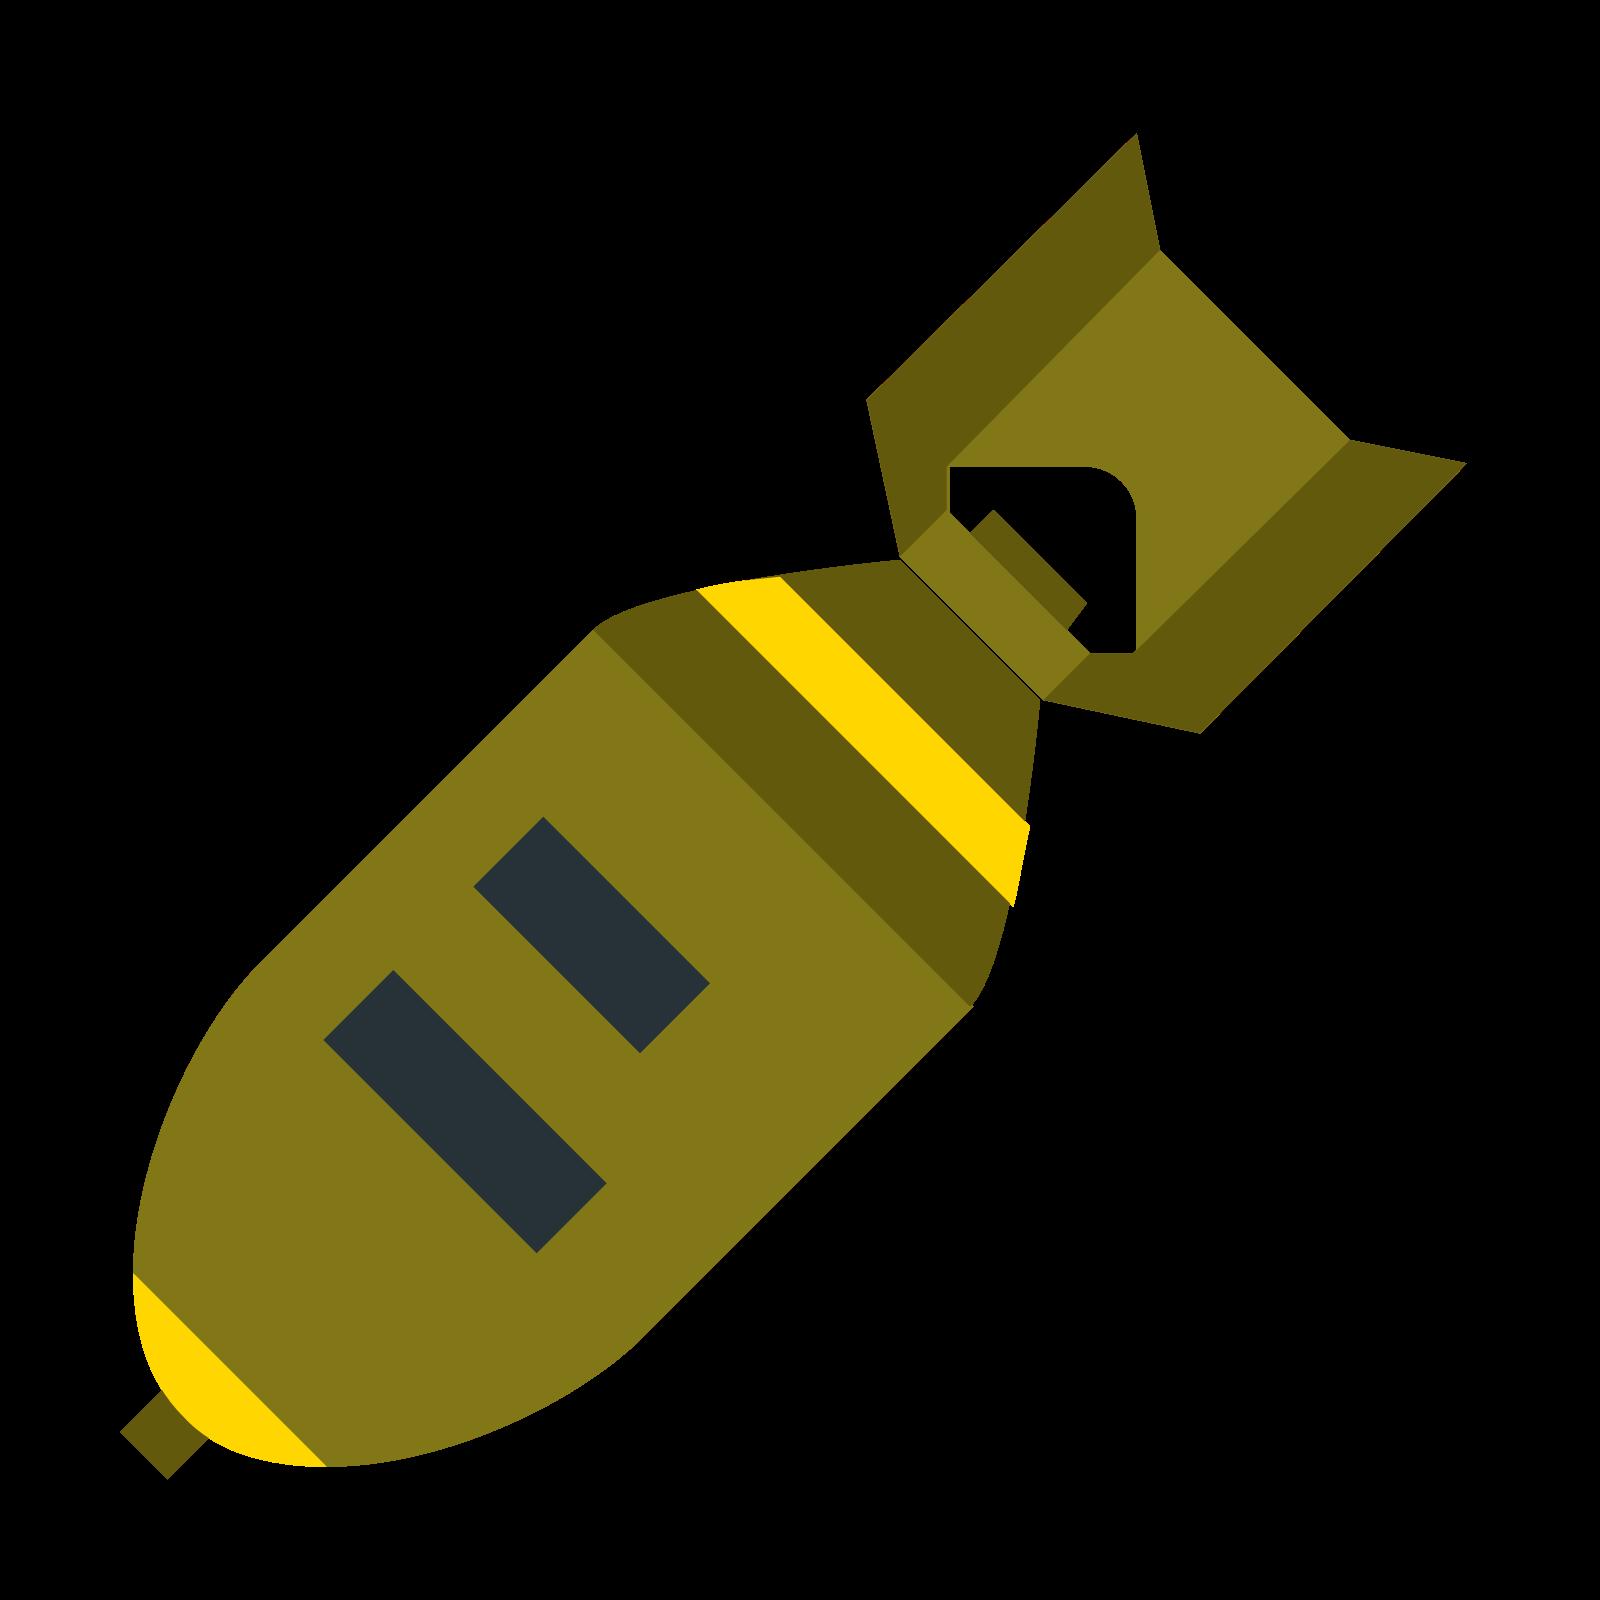 Bomba icon